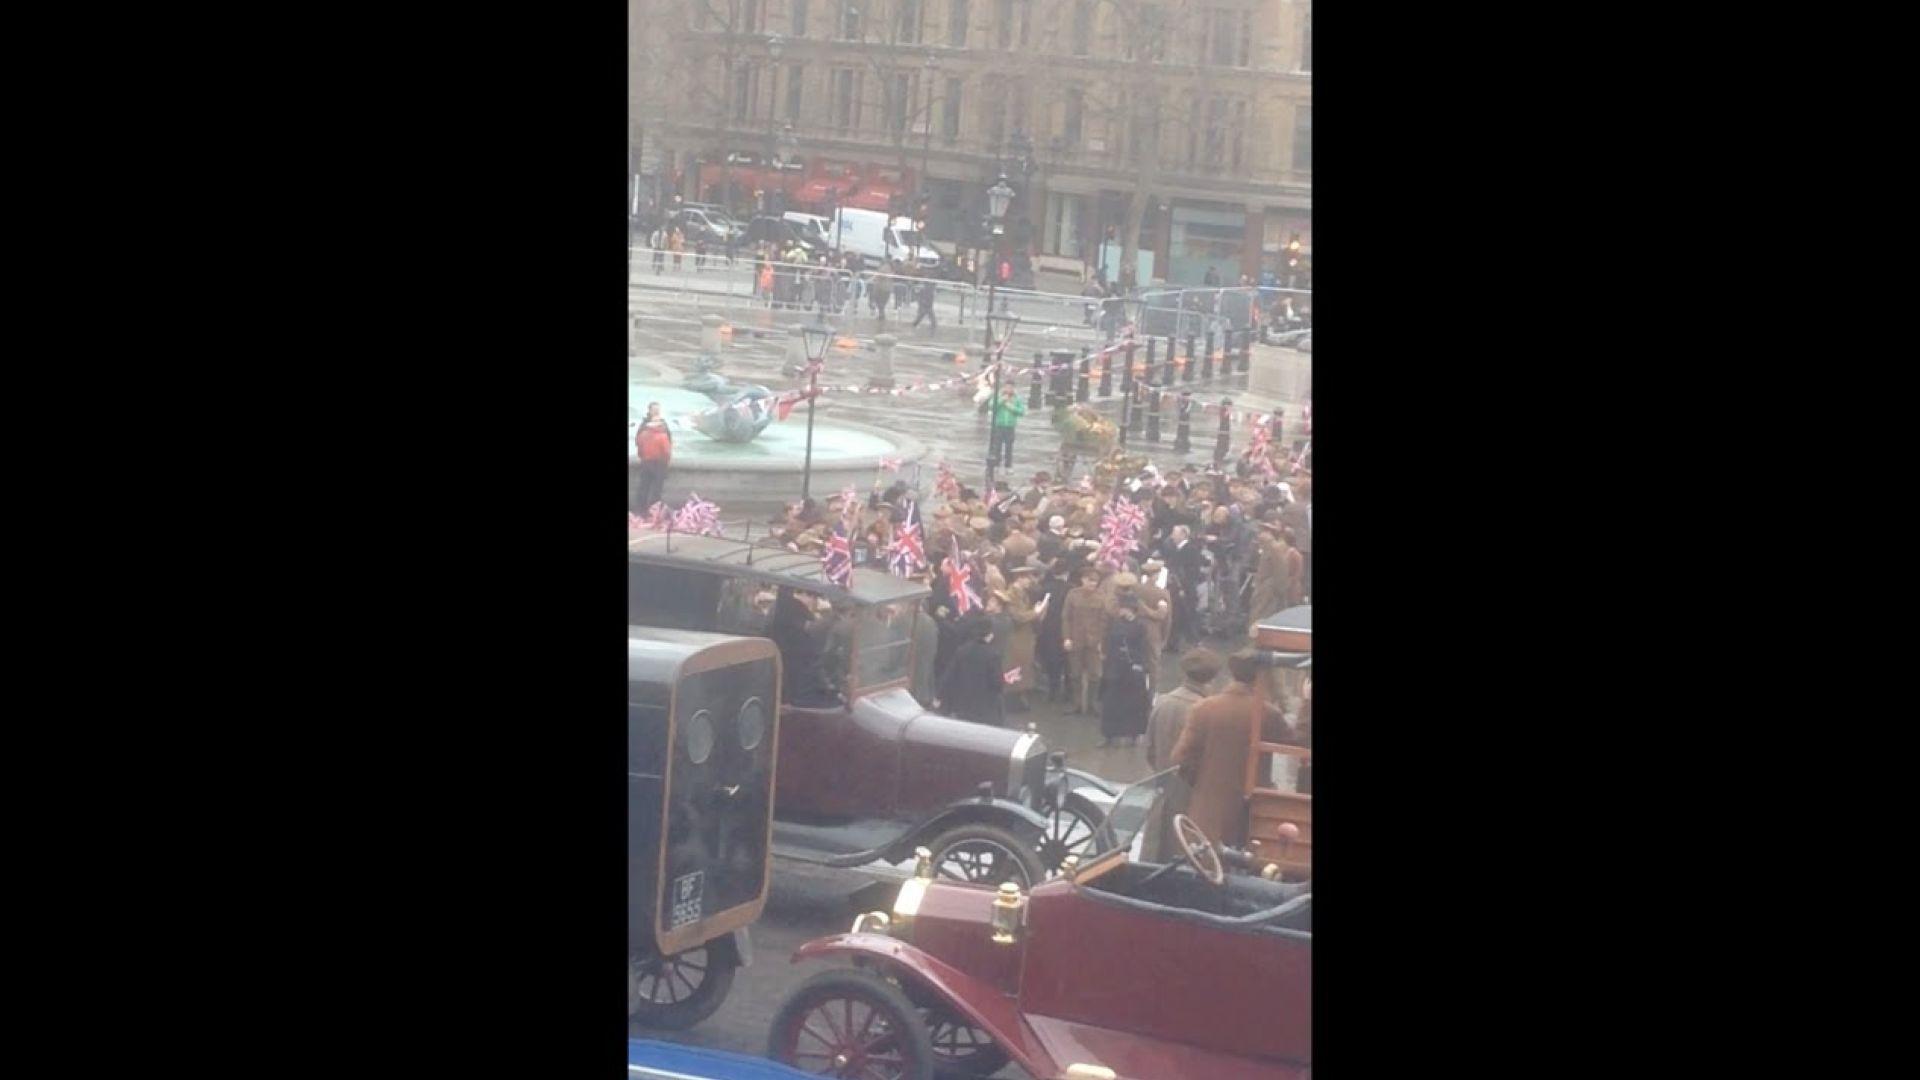 Set Footage from Wonder Woman at Trafalgar Square, London